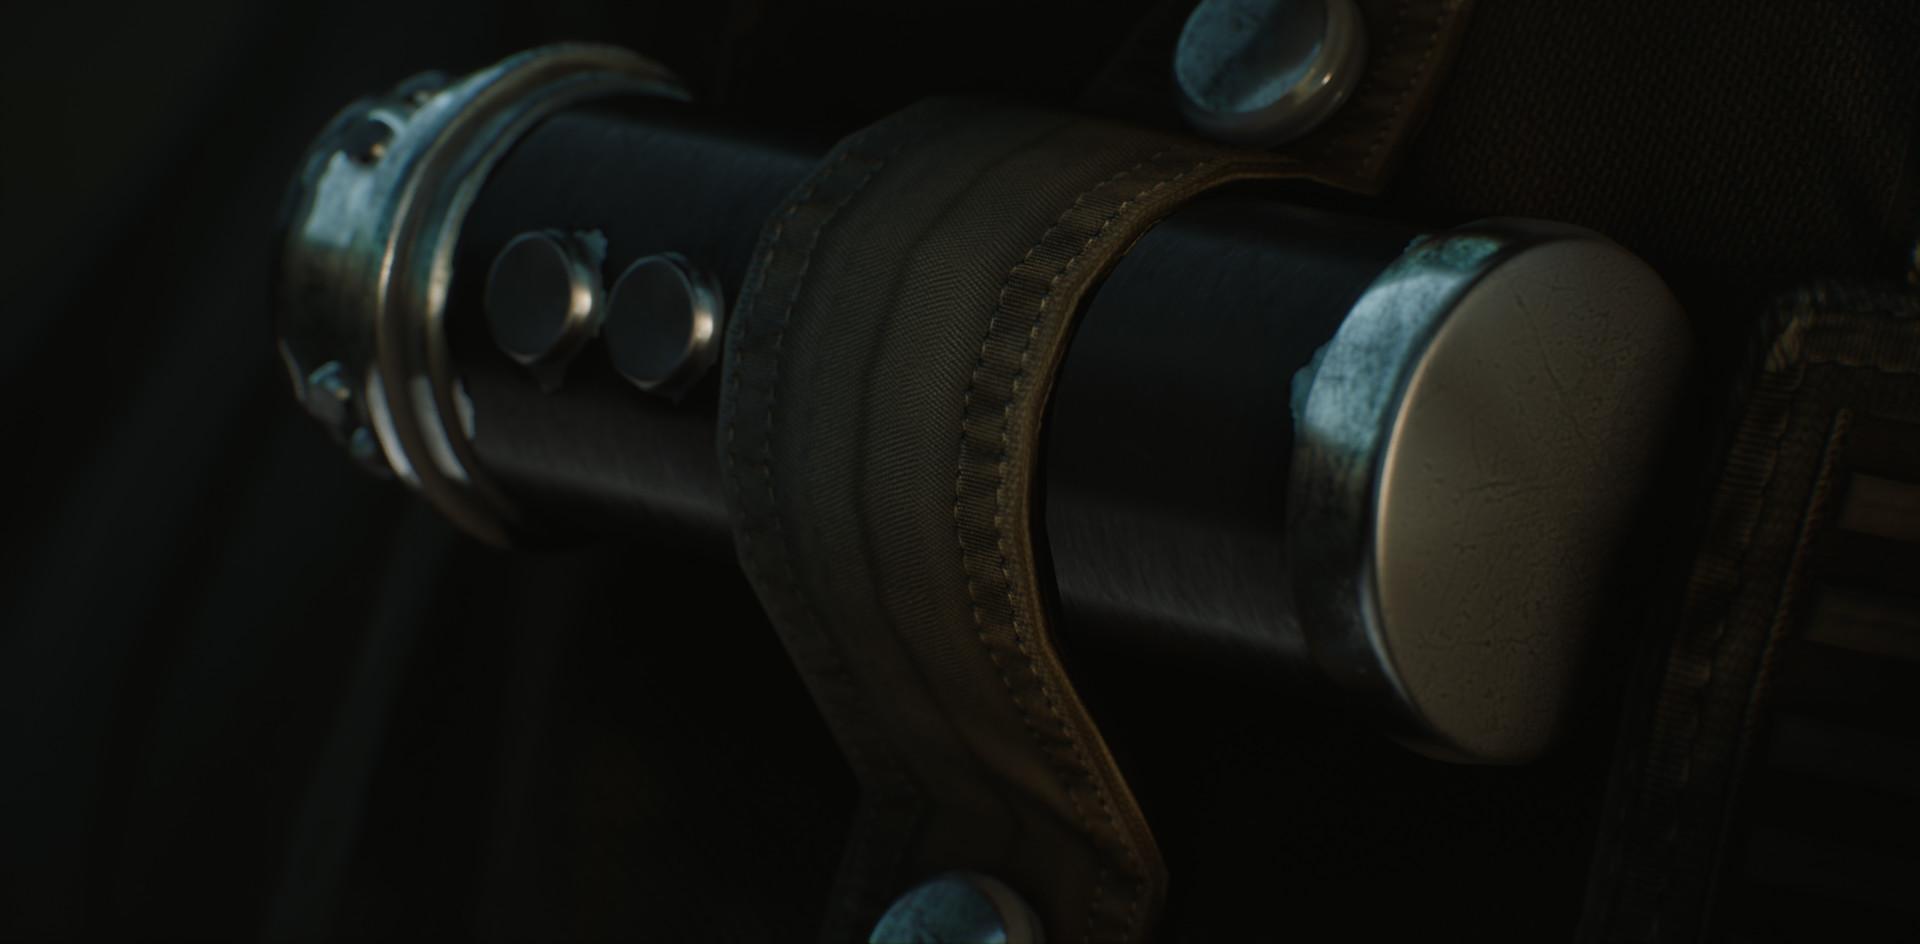 Baolong zhang detail01